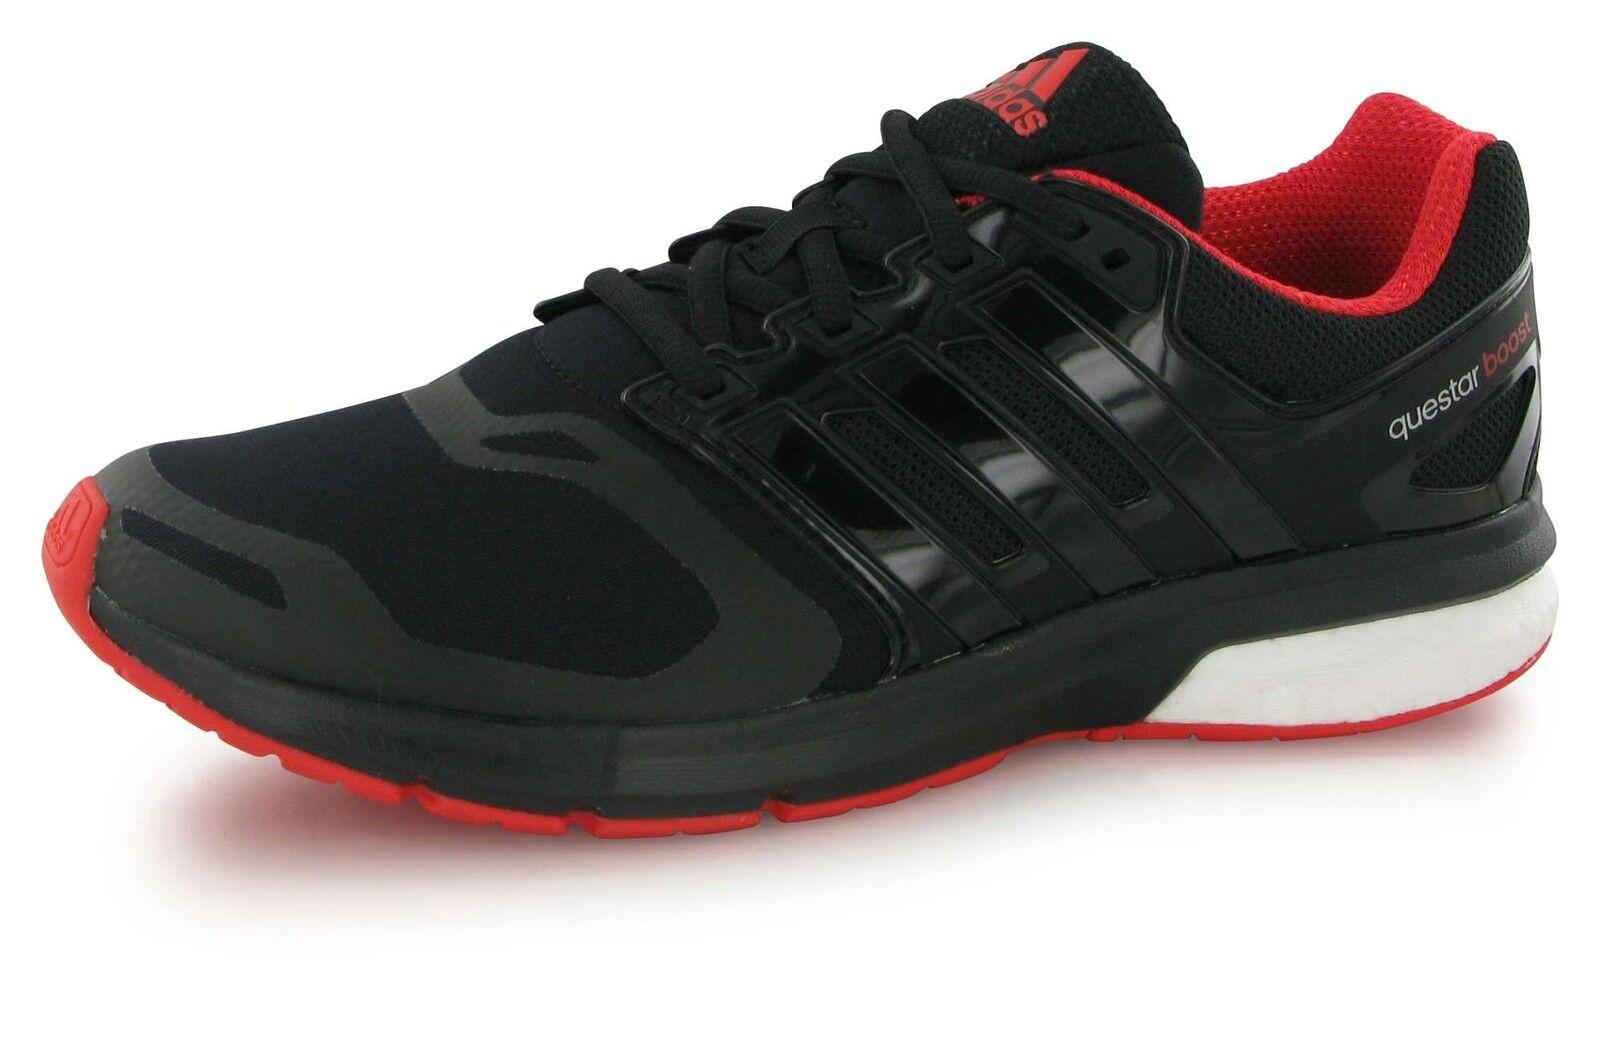 ADIDAS Hombres QUESTAR BOOST TF NOIR Hombres ADIDAS Zapatos de course hiver M29526 b15a50